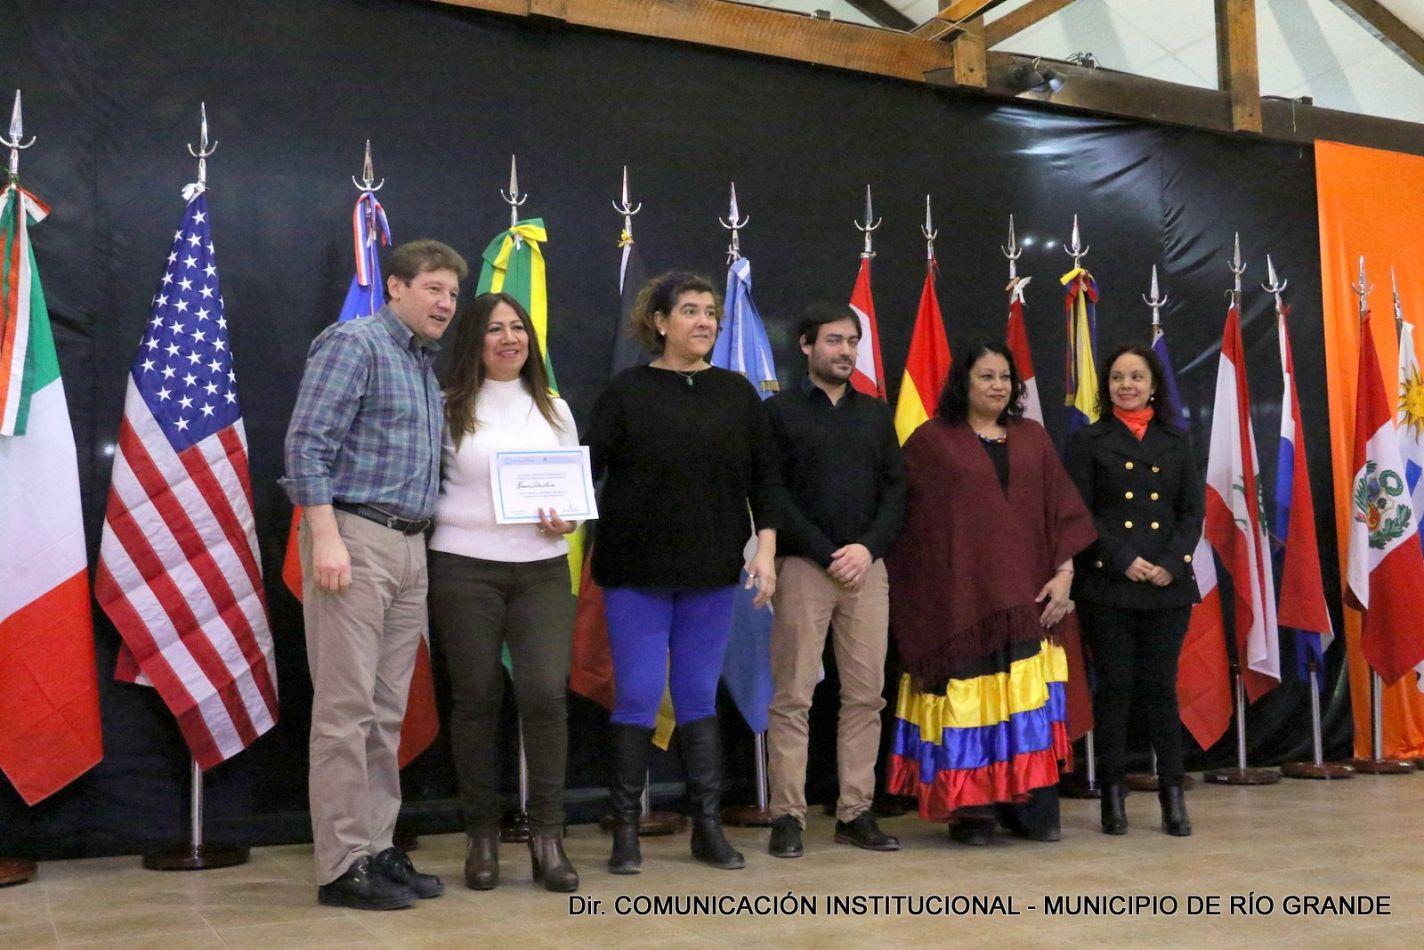 El municipio celebró el Día del Inmigrante junto a las colectividades locales